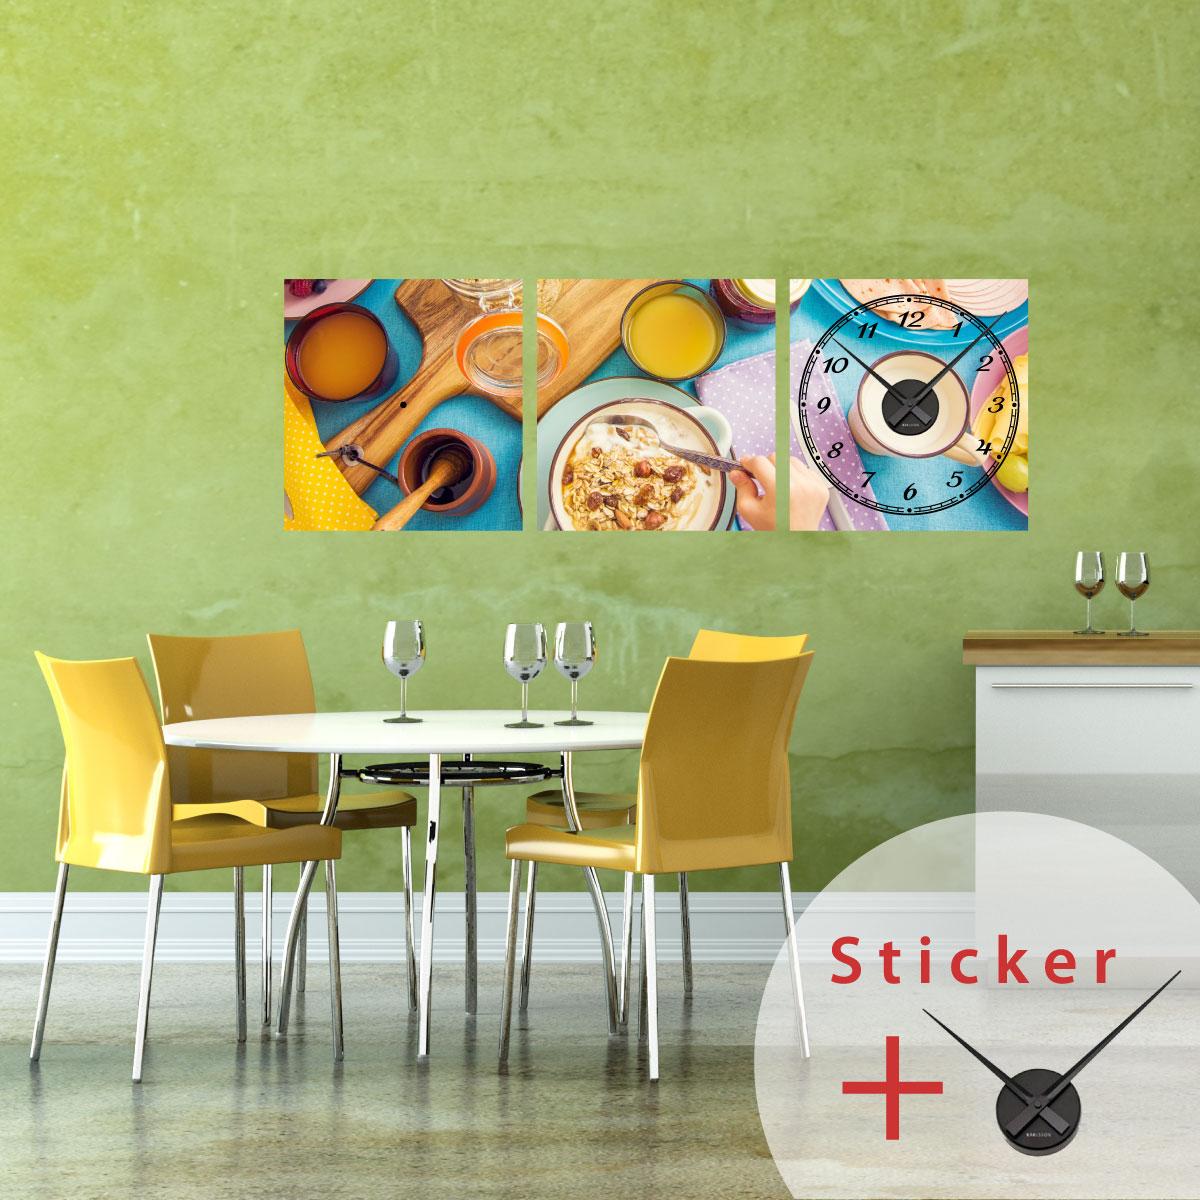 Sticker horloge pr paration d 39 une recette de cuisine - Sticker mural cuisine ...